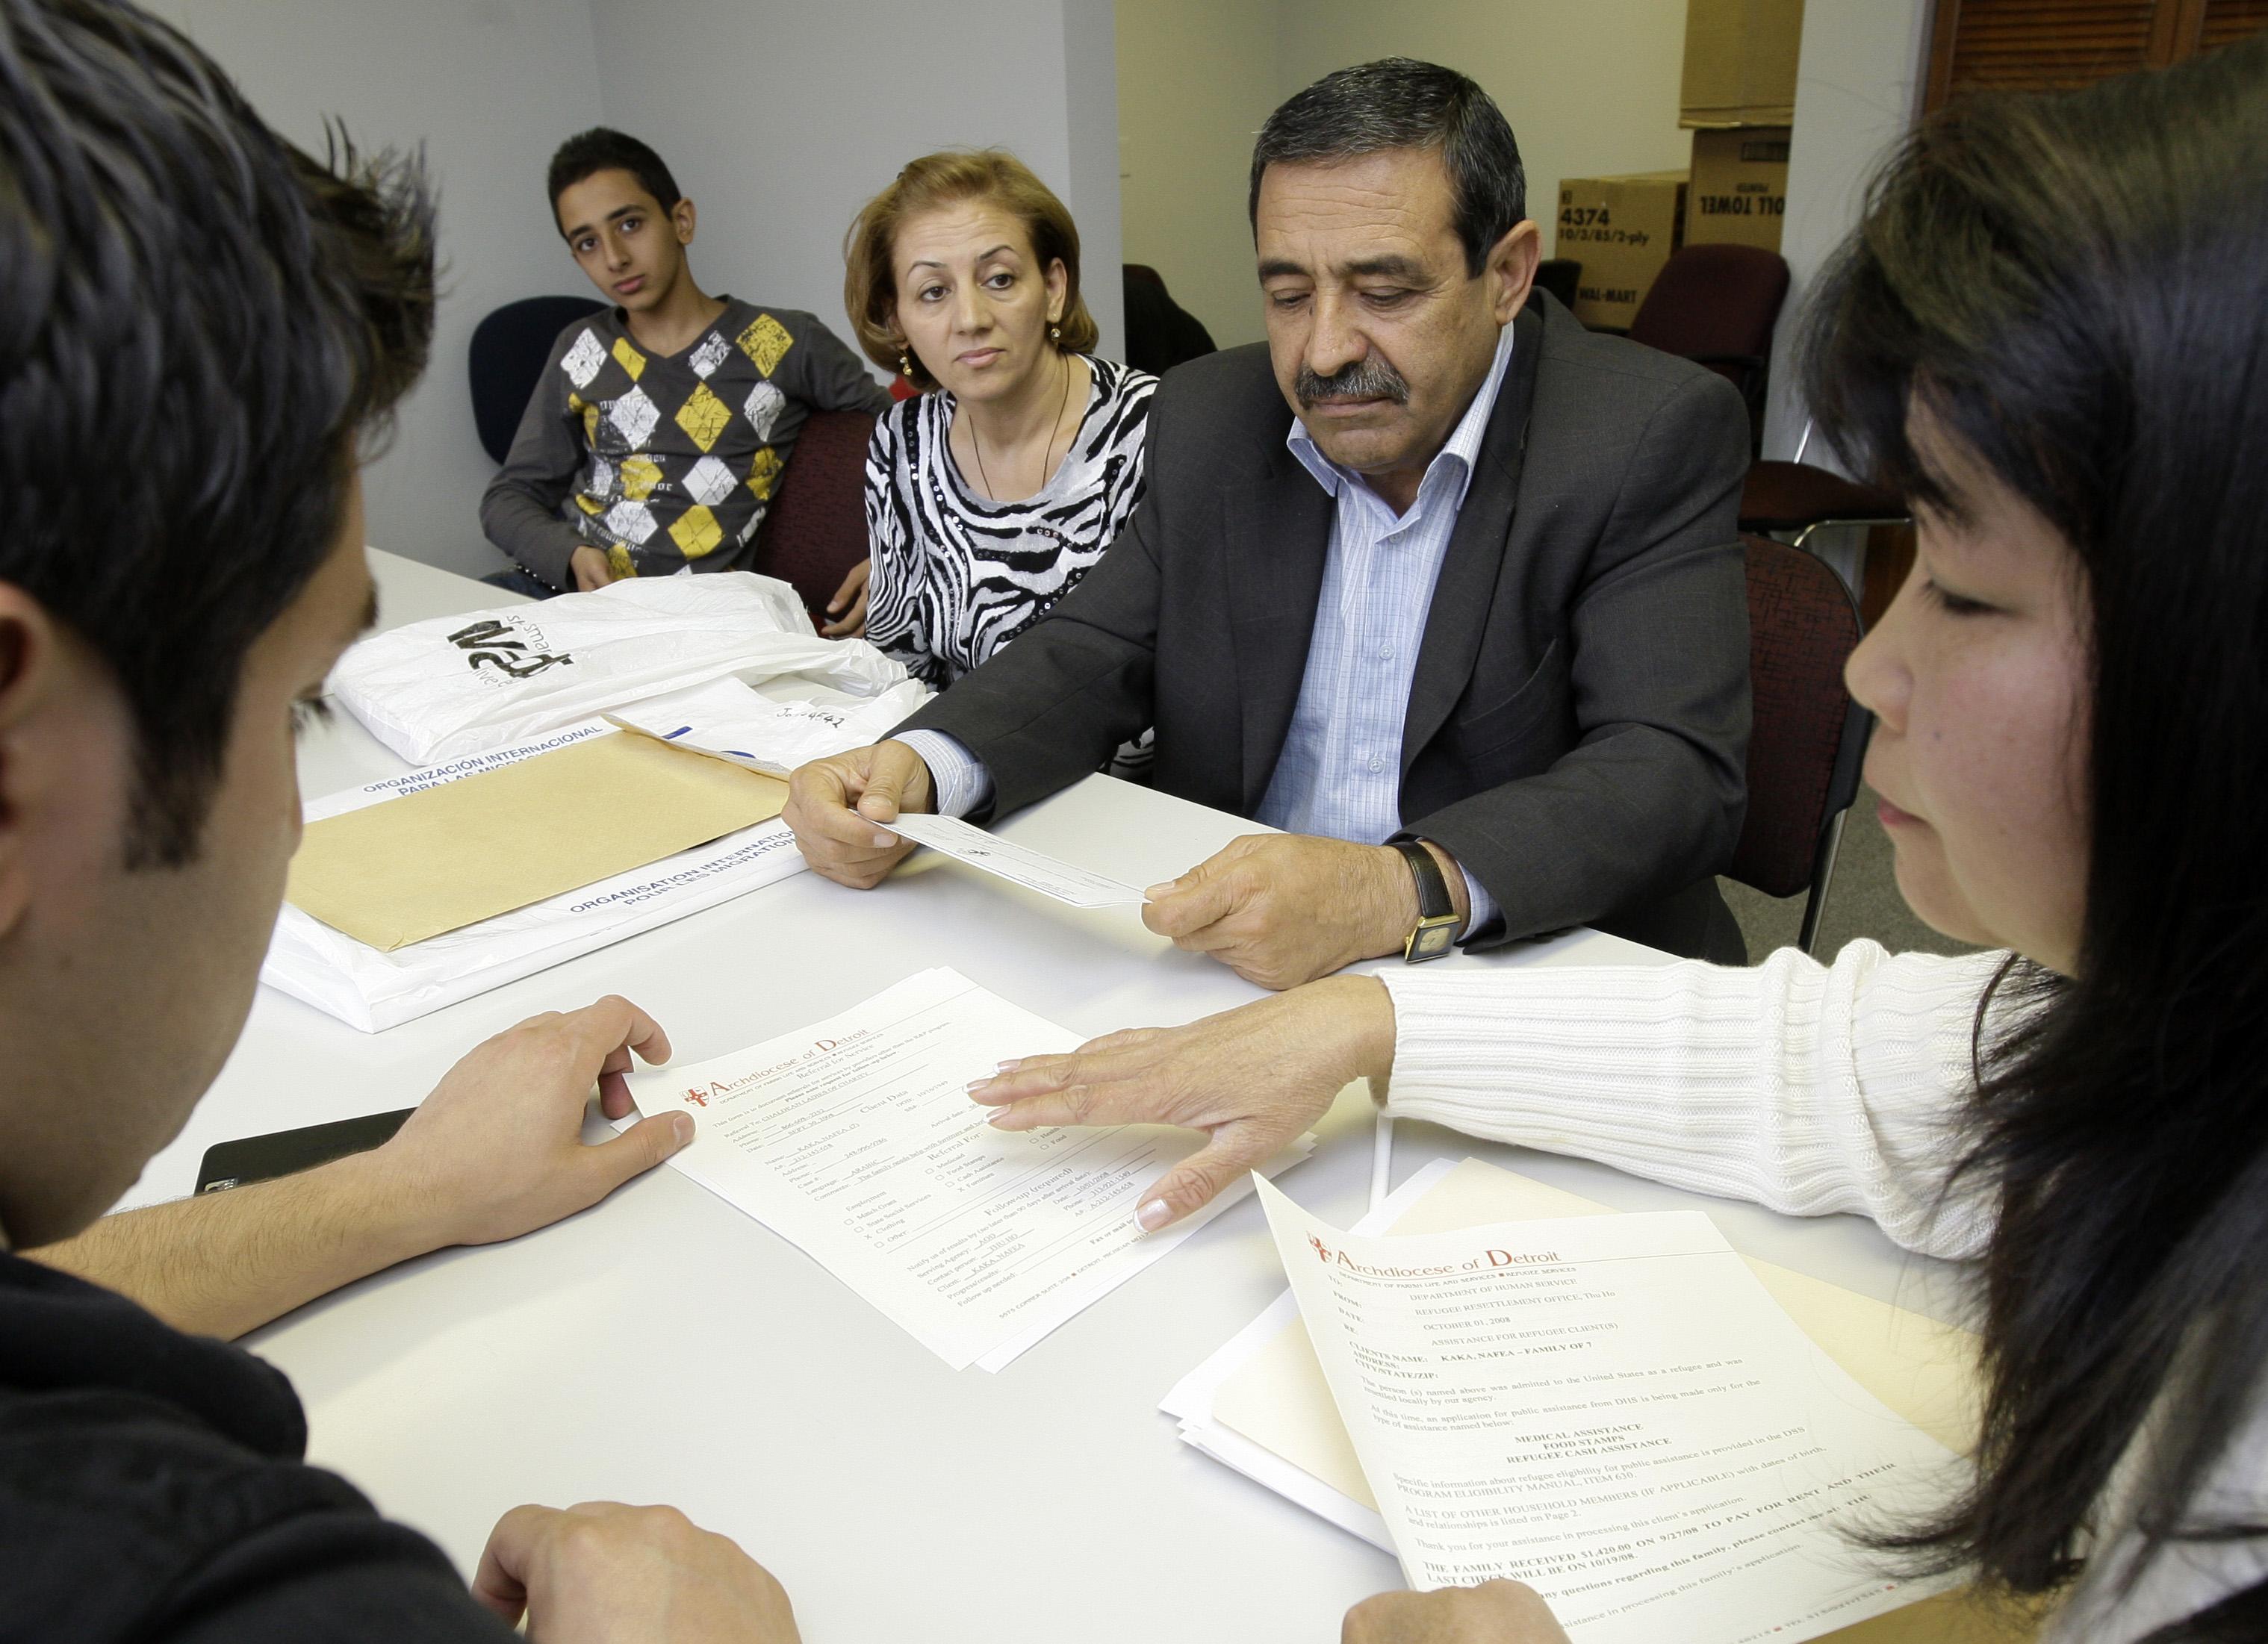 Un groupe de gens assis autour d'une table, en train d'examiner des papiers (© AP Images)